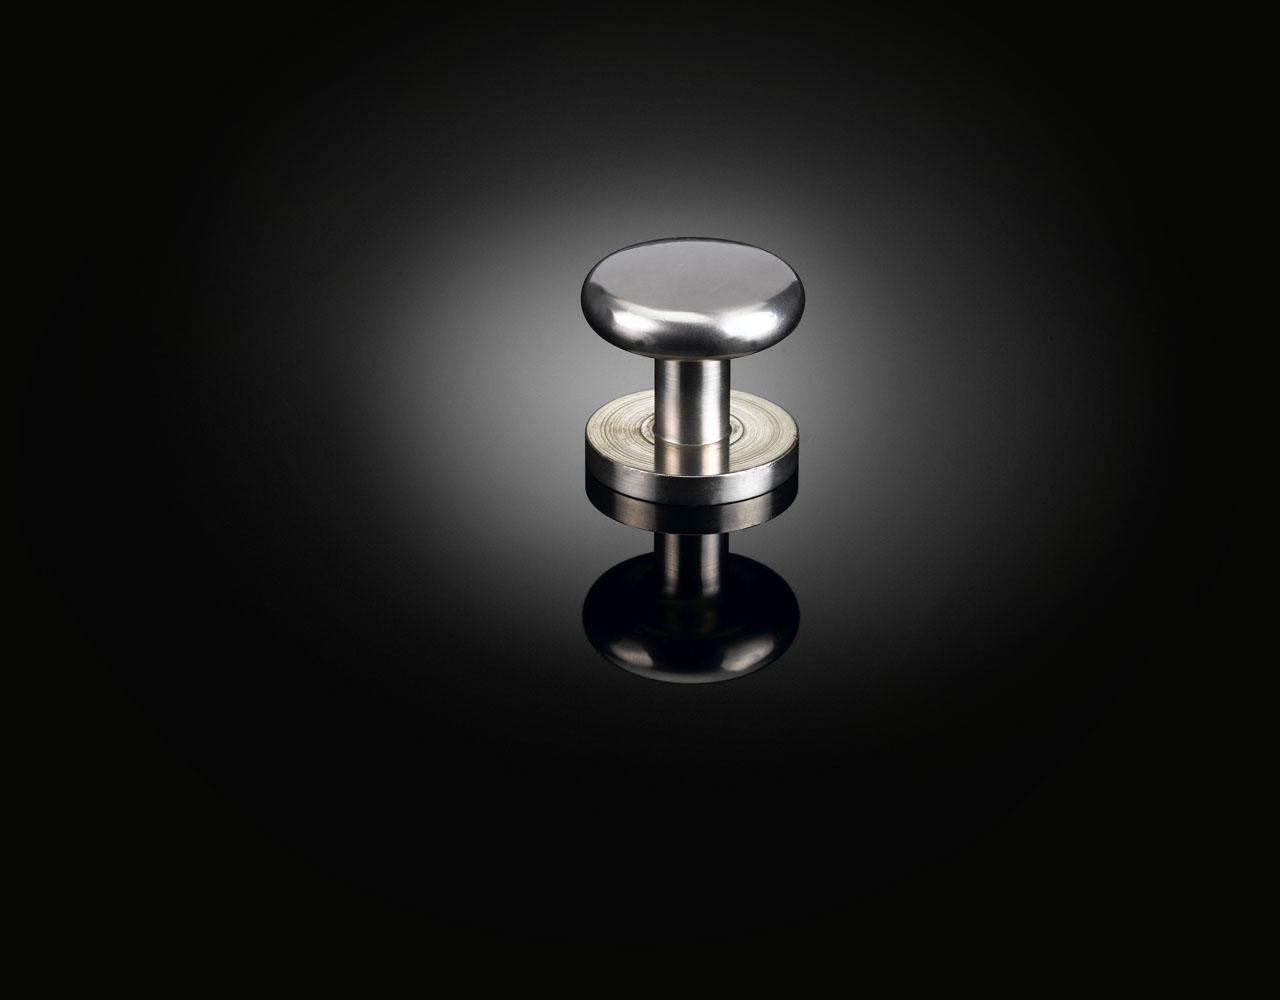 MZC01 Max Bill cabinet knob